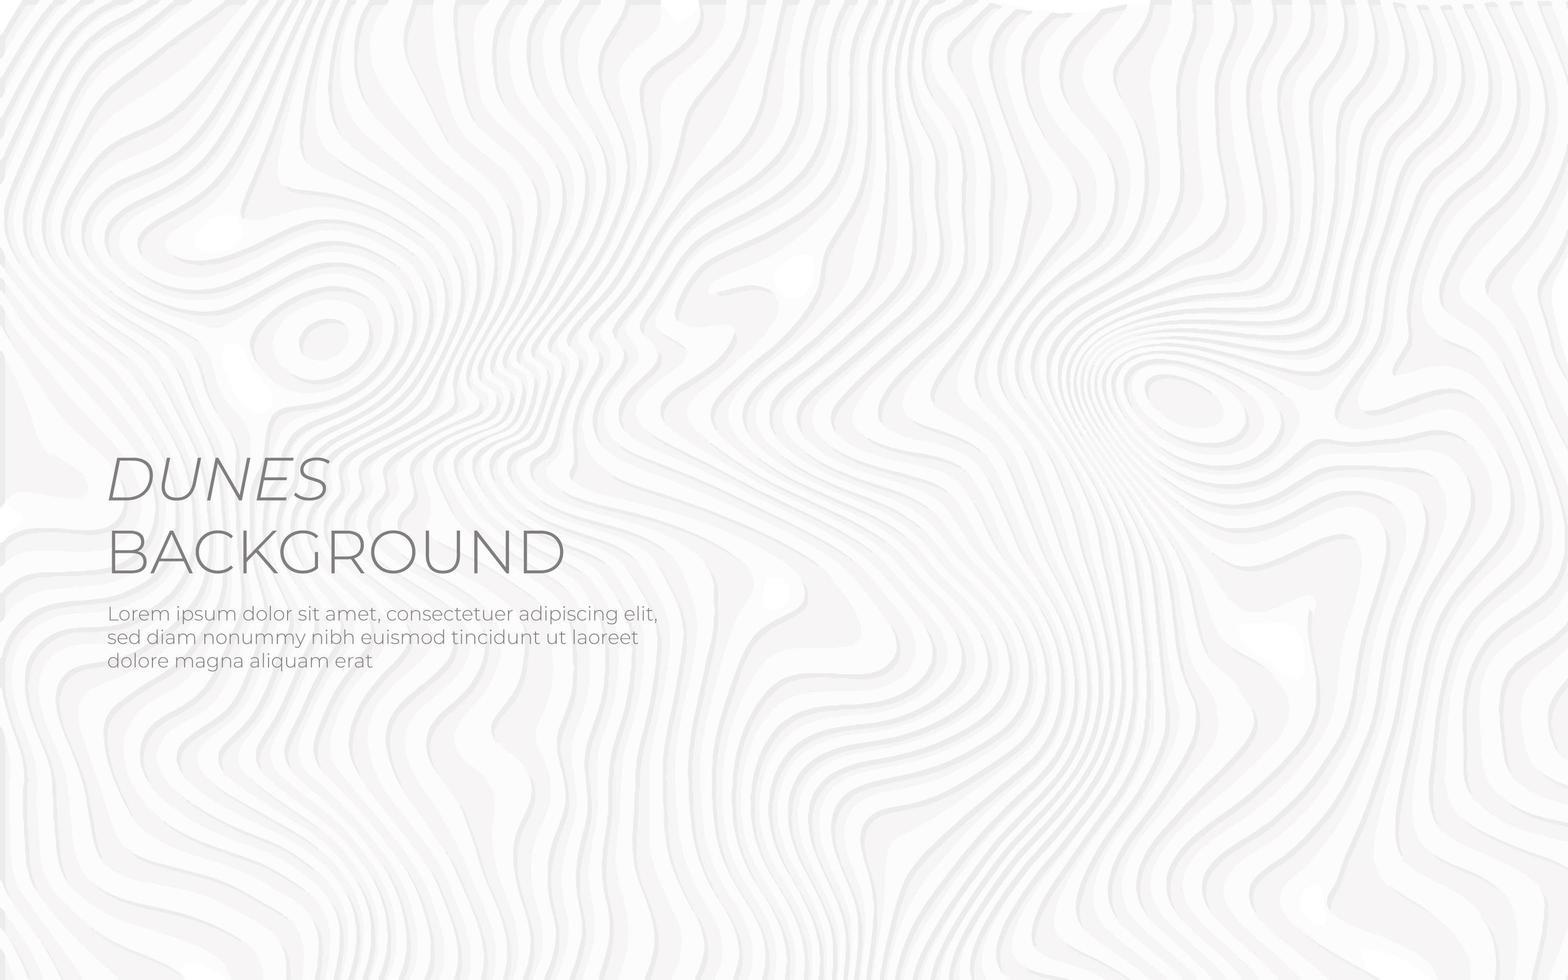 design de efeito de papel de dunas brancas vetor